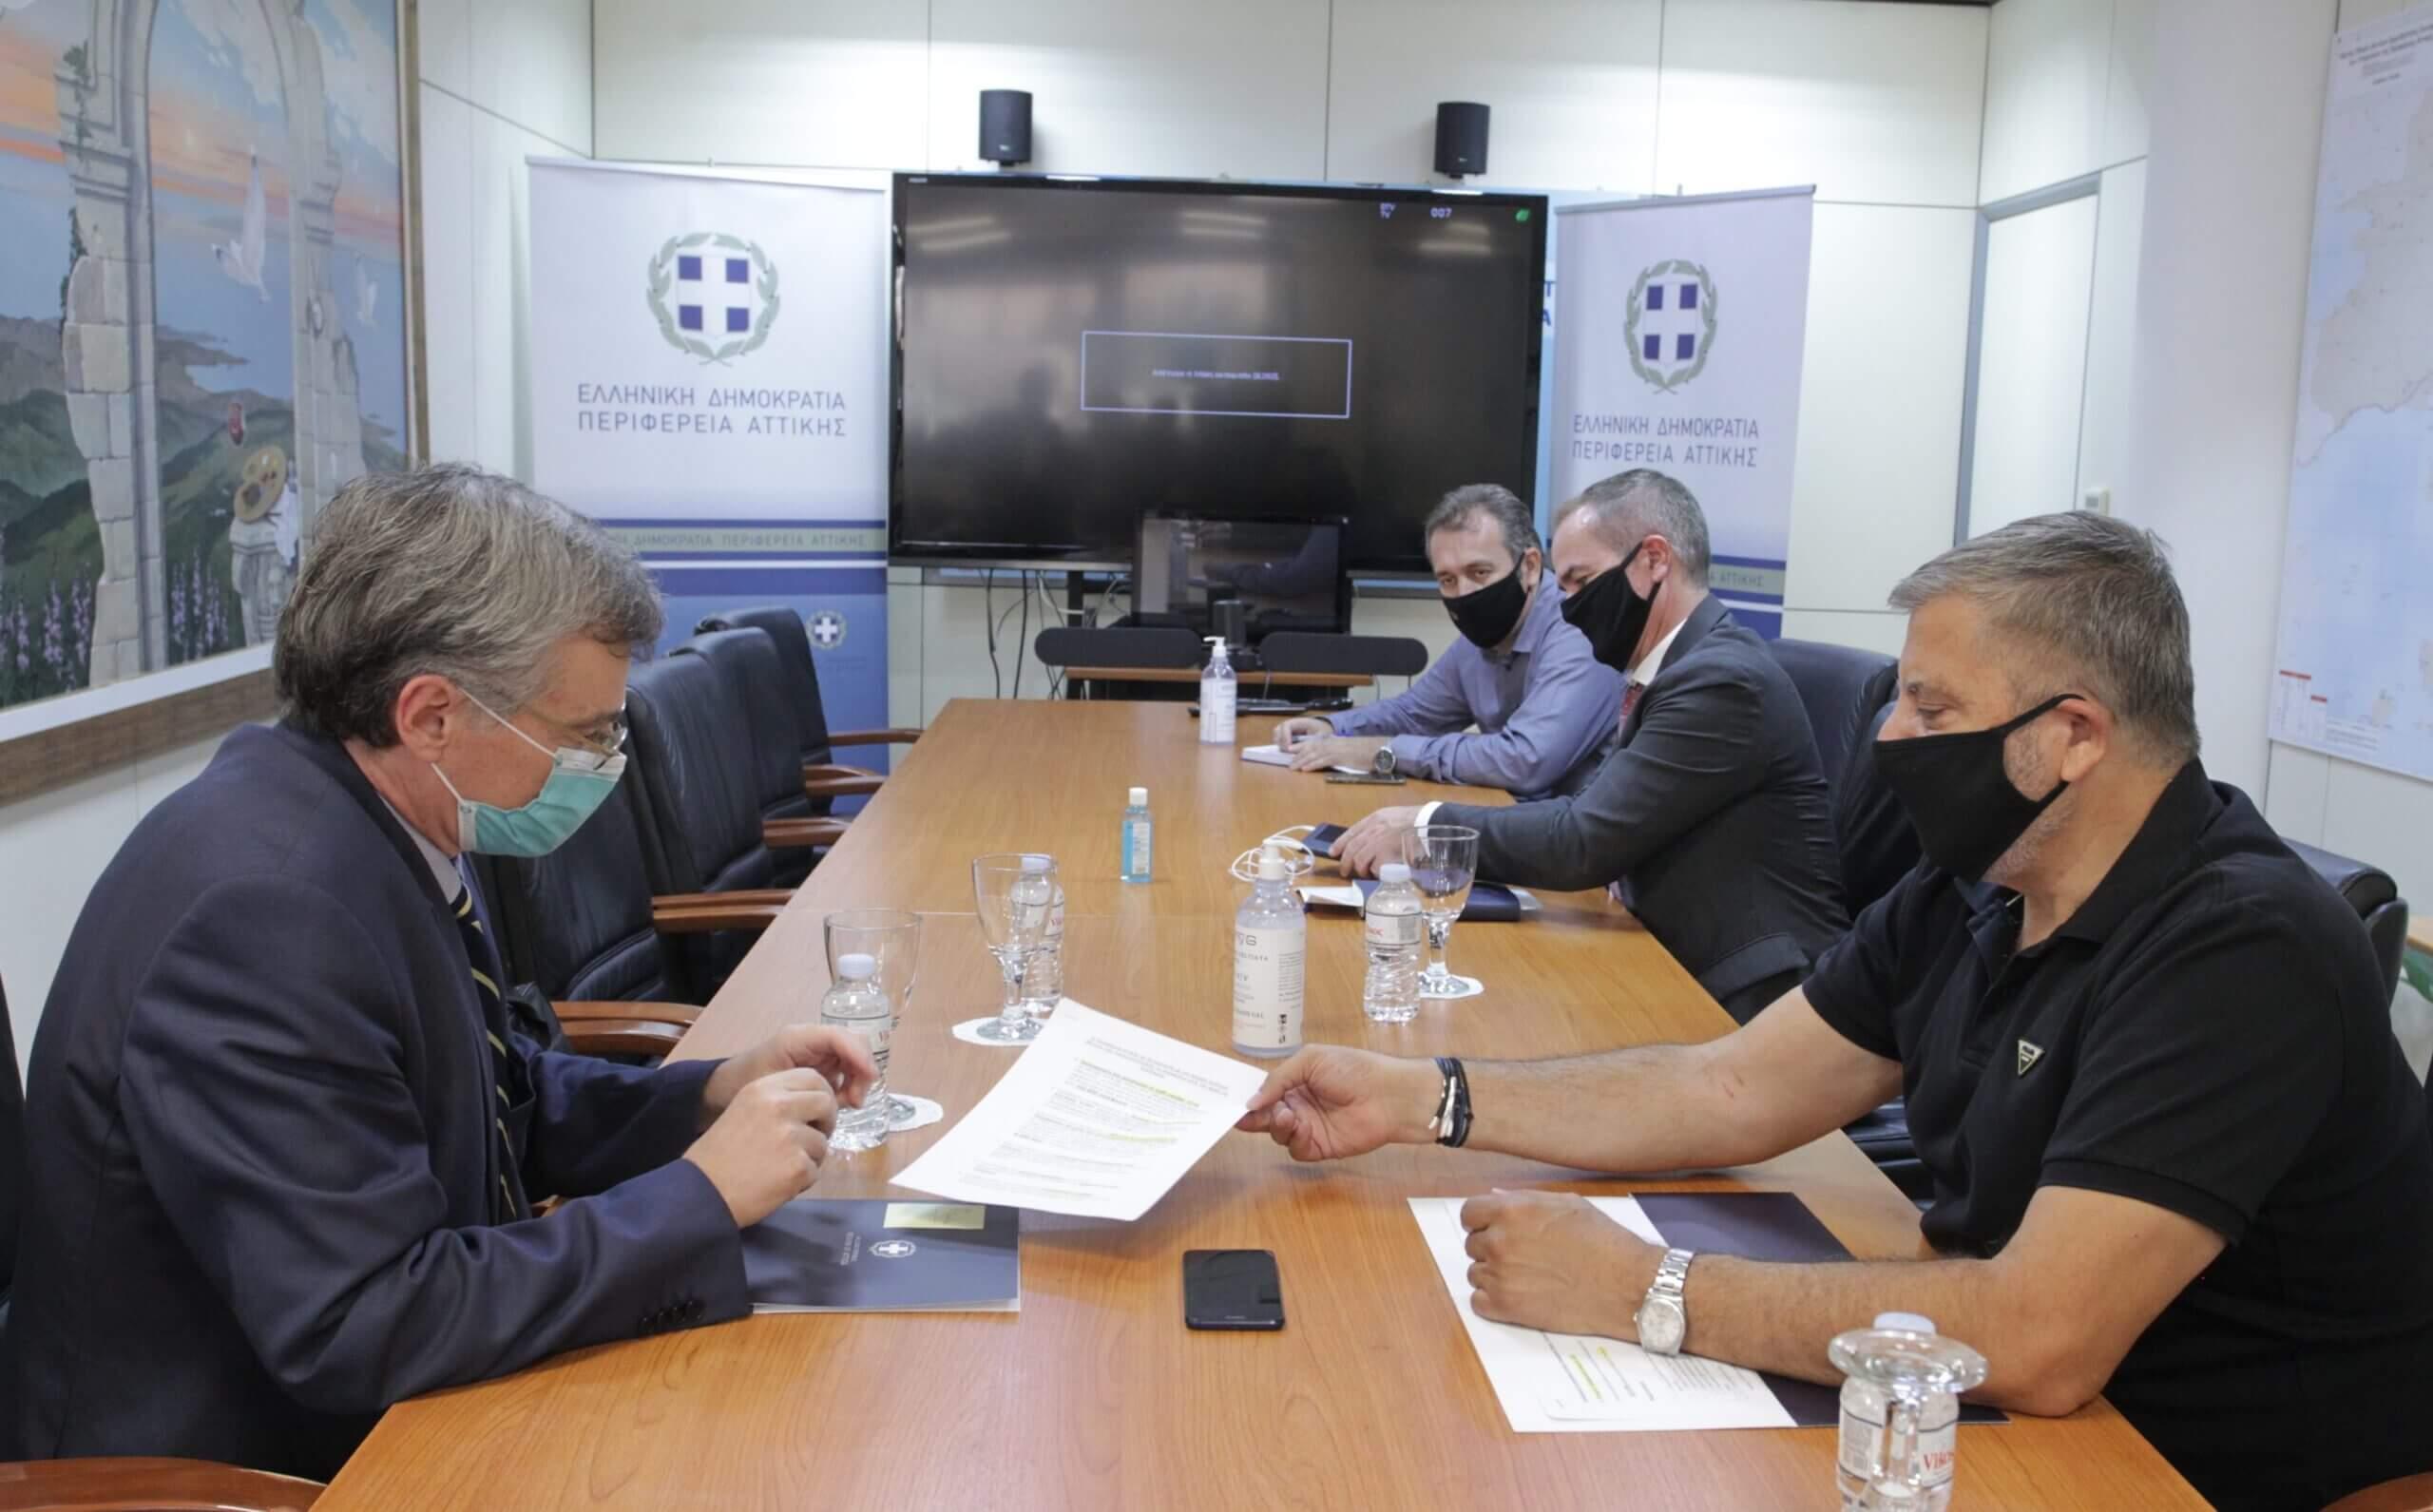 Συνάντηση Περιφερειάρχη Γιώργου Πατούλη με τον λοιμωξιολόγο, Σωτήρη Τσιόδρα